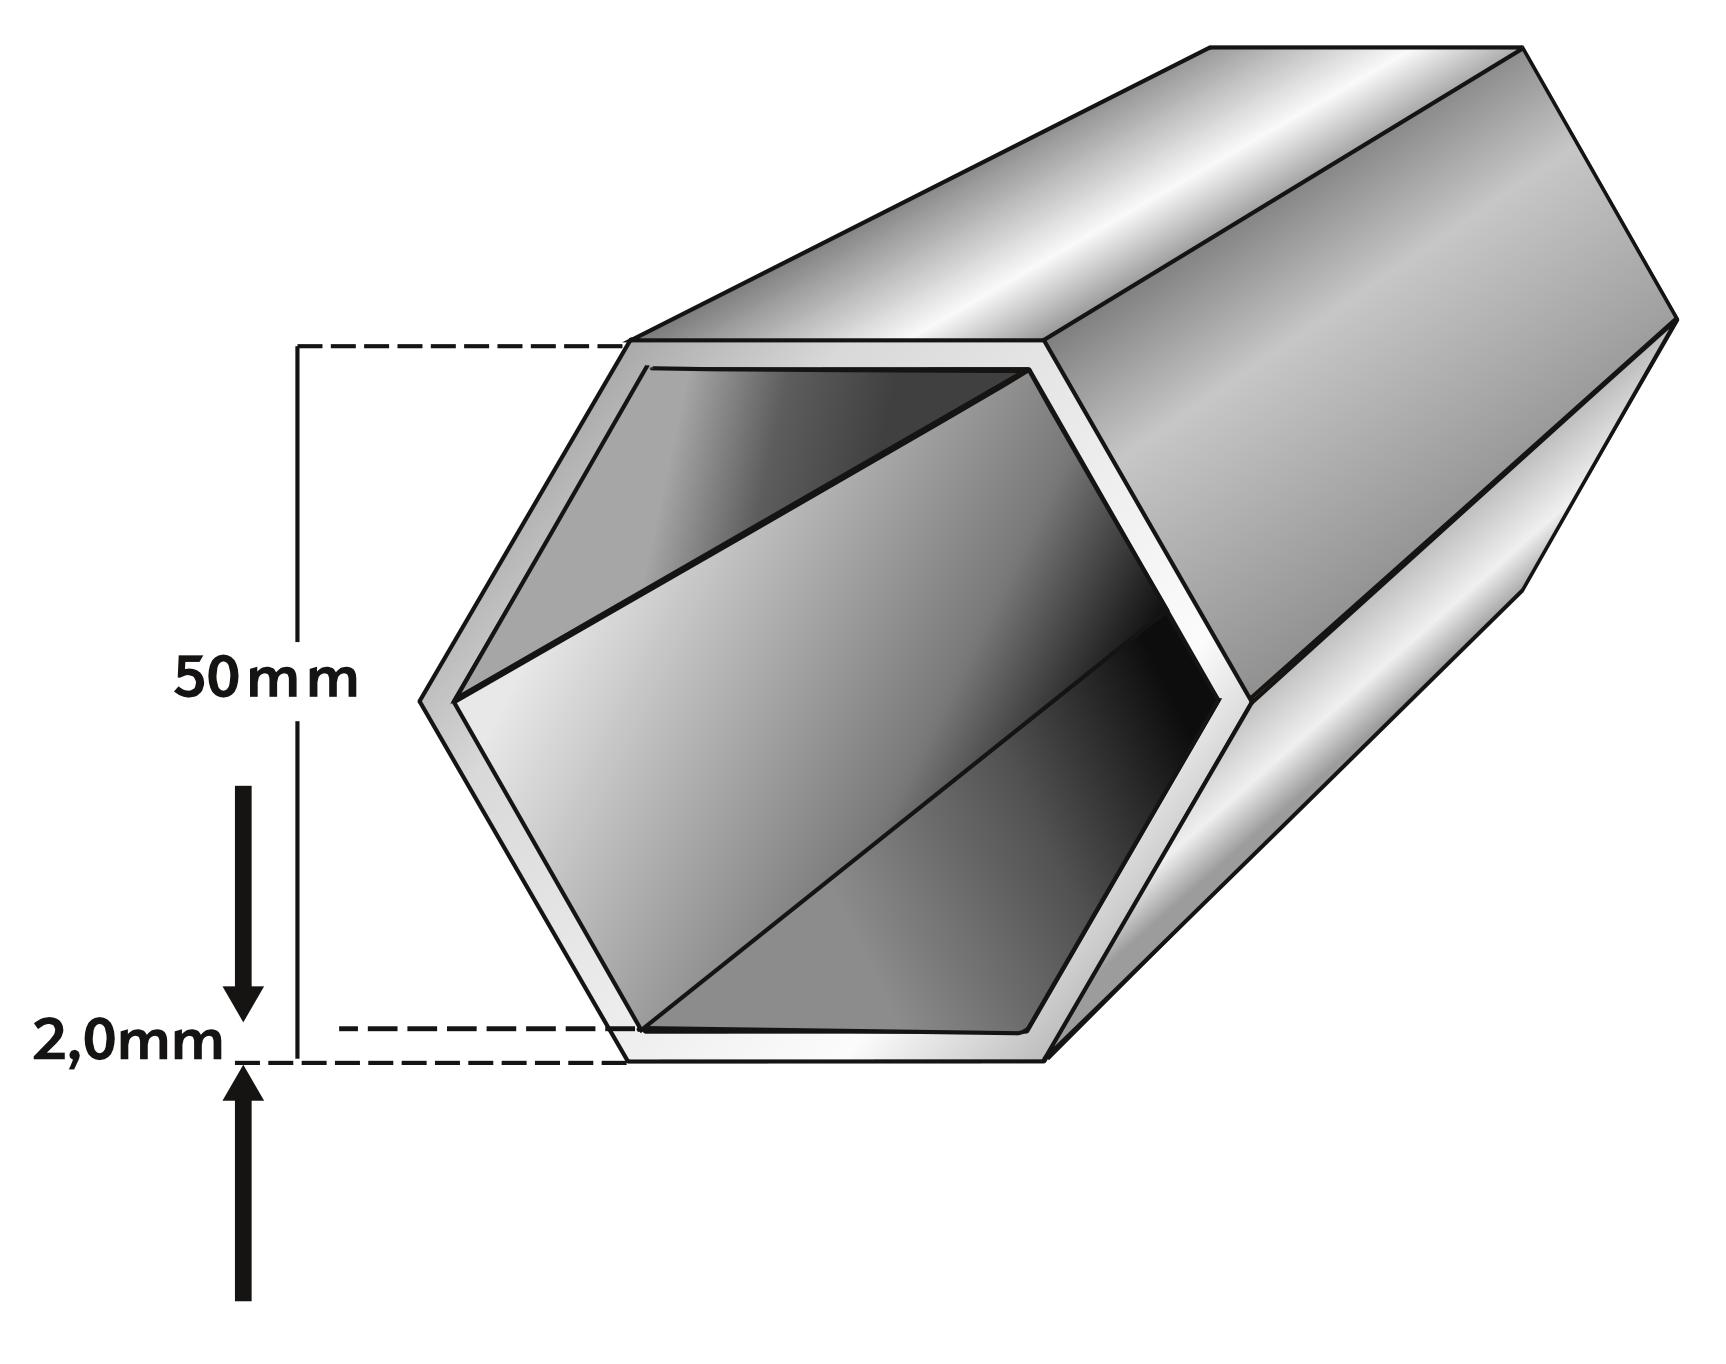 Rahmenprofil Faltzelt 50mm 6-Kant